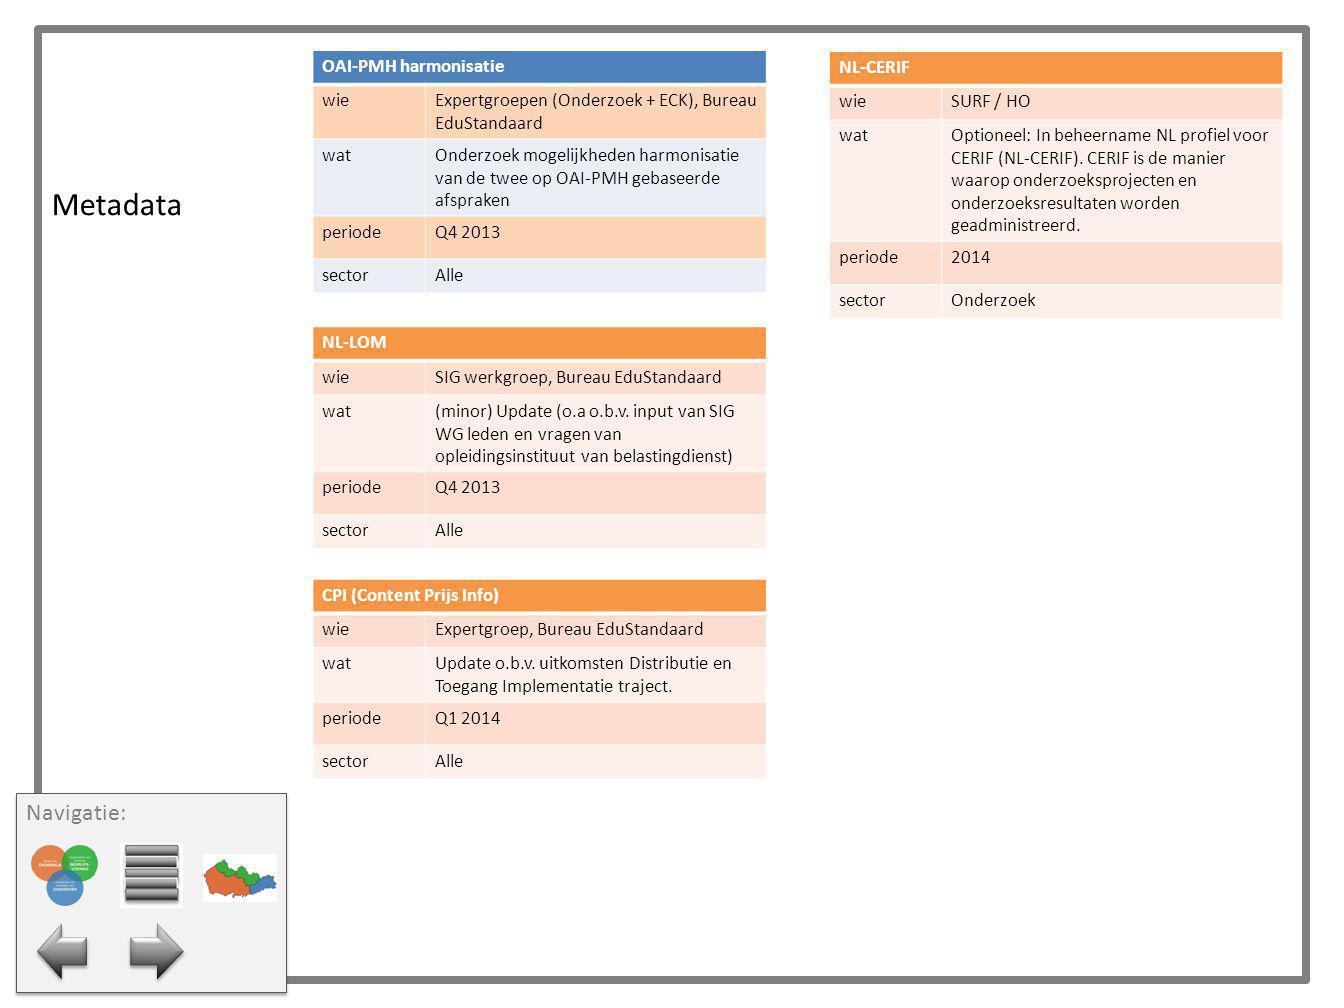 Identifiers URN:NBN:NL:UI wieSIG werkgroep, Bureau EduStandaard wat(minor) Update periode2014.